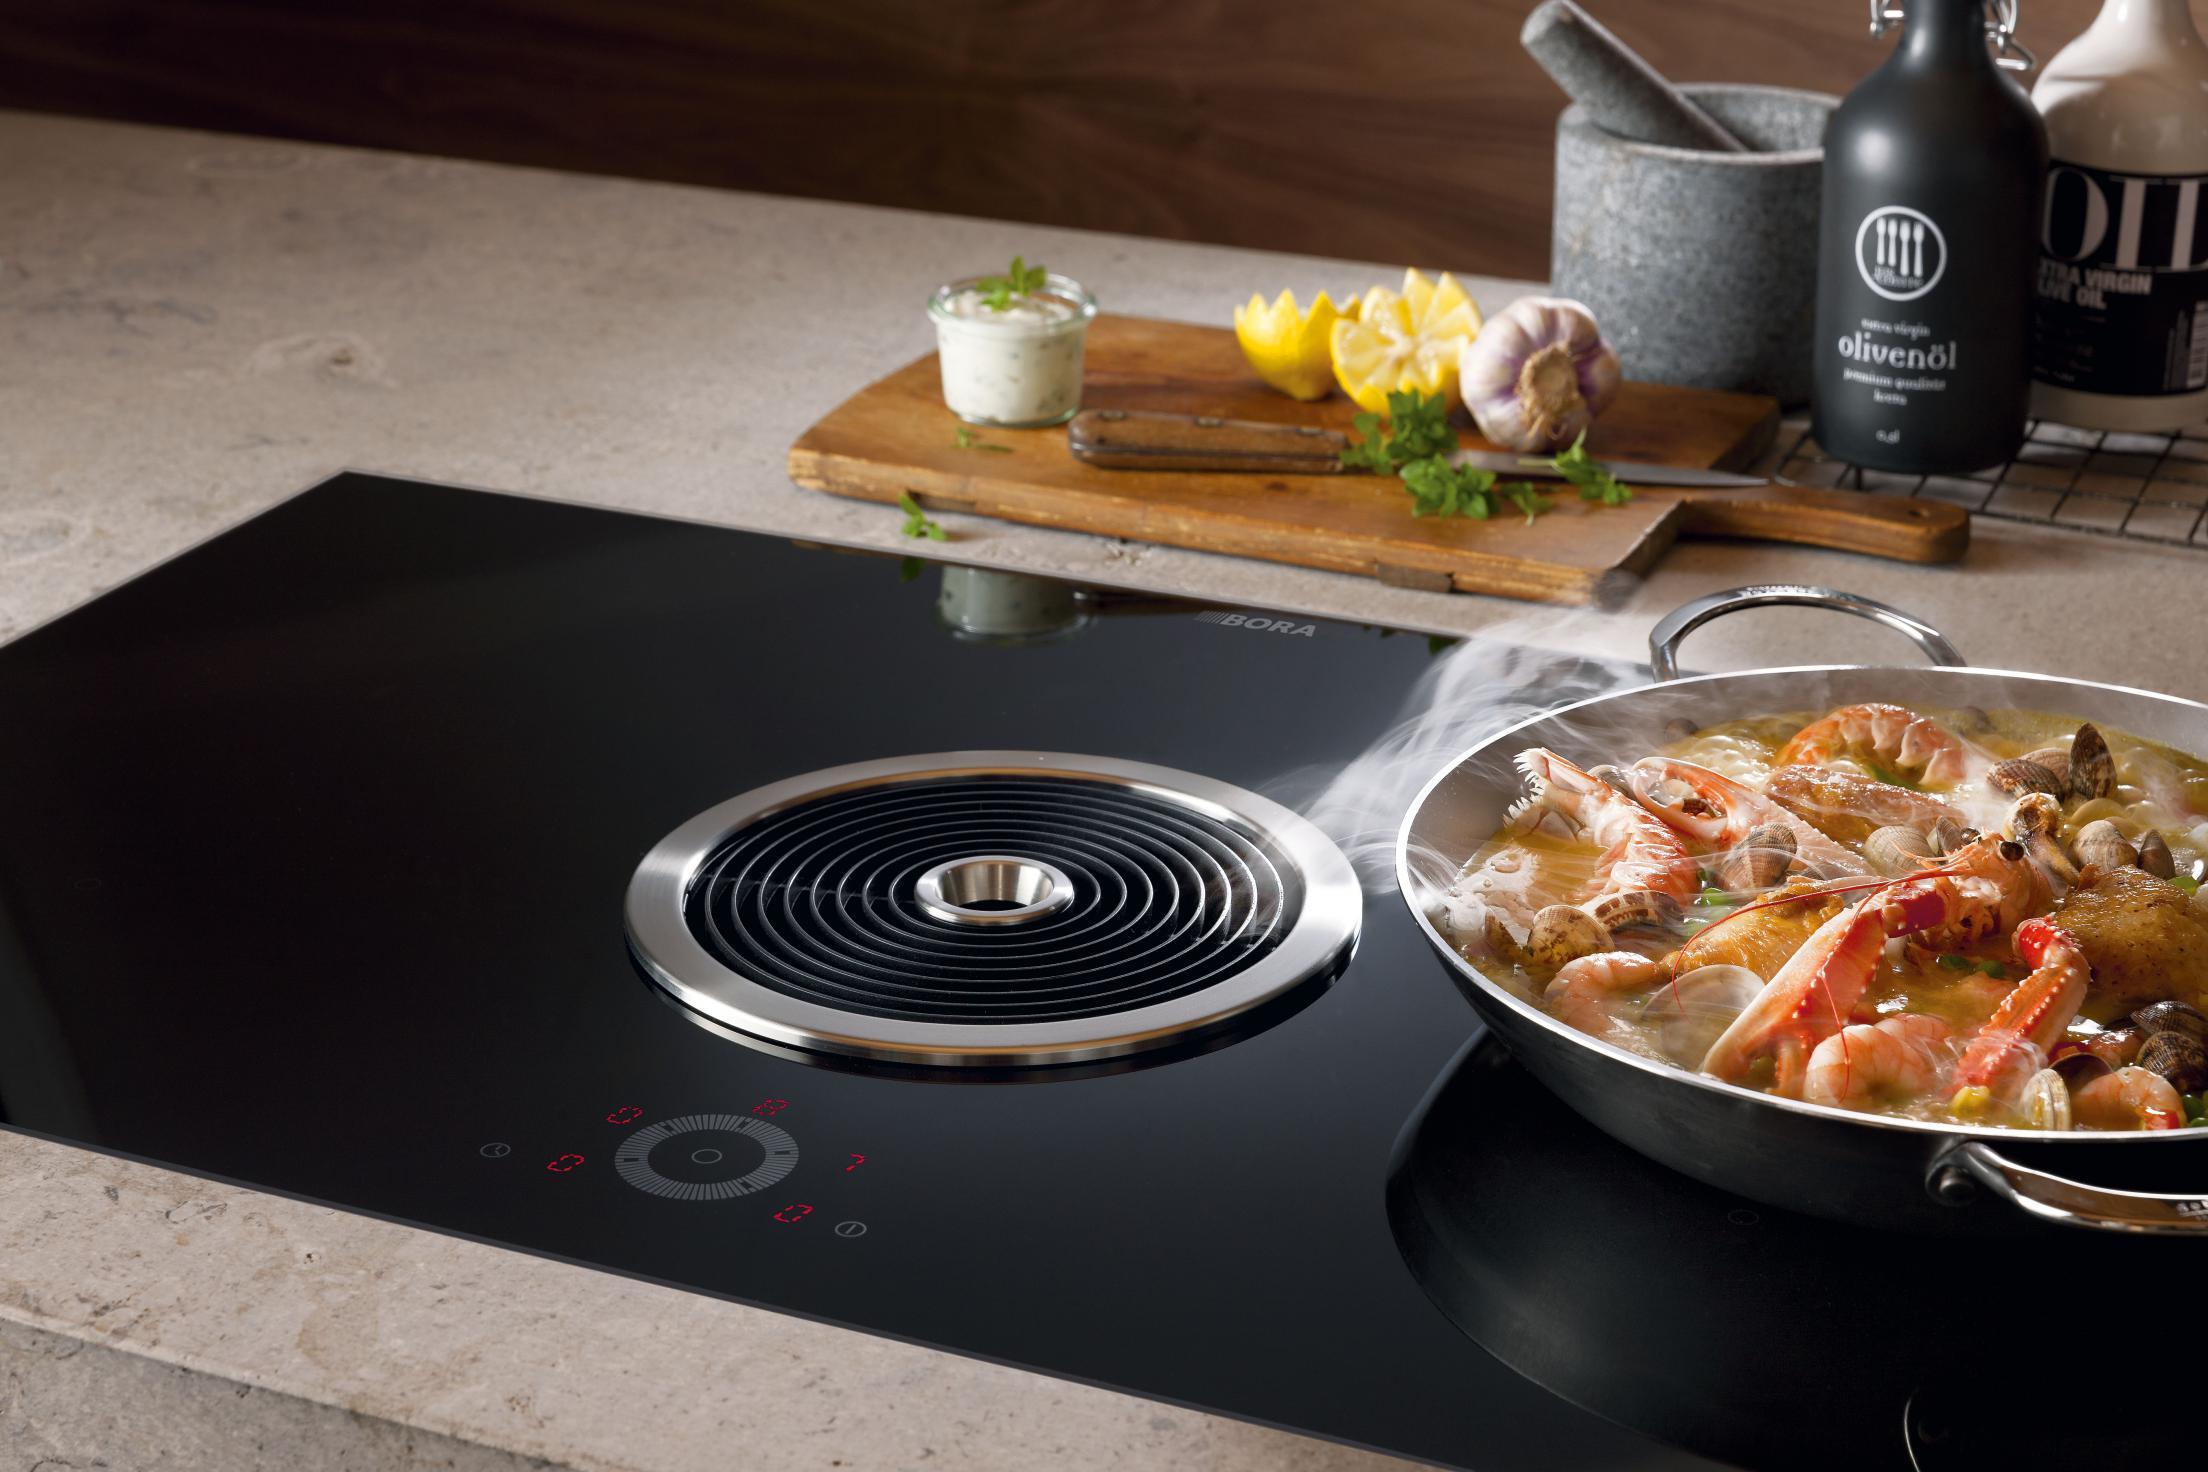 Cuisine avec table de cuisson moderne hotte aspirante BORA Annecy